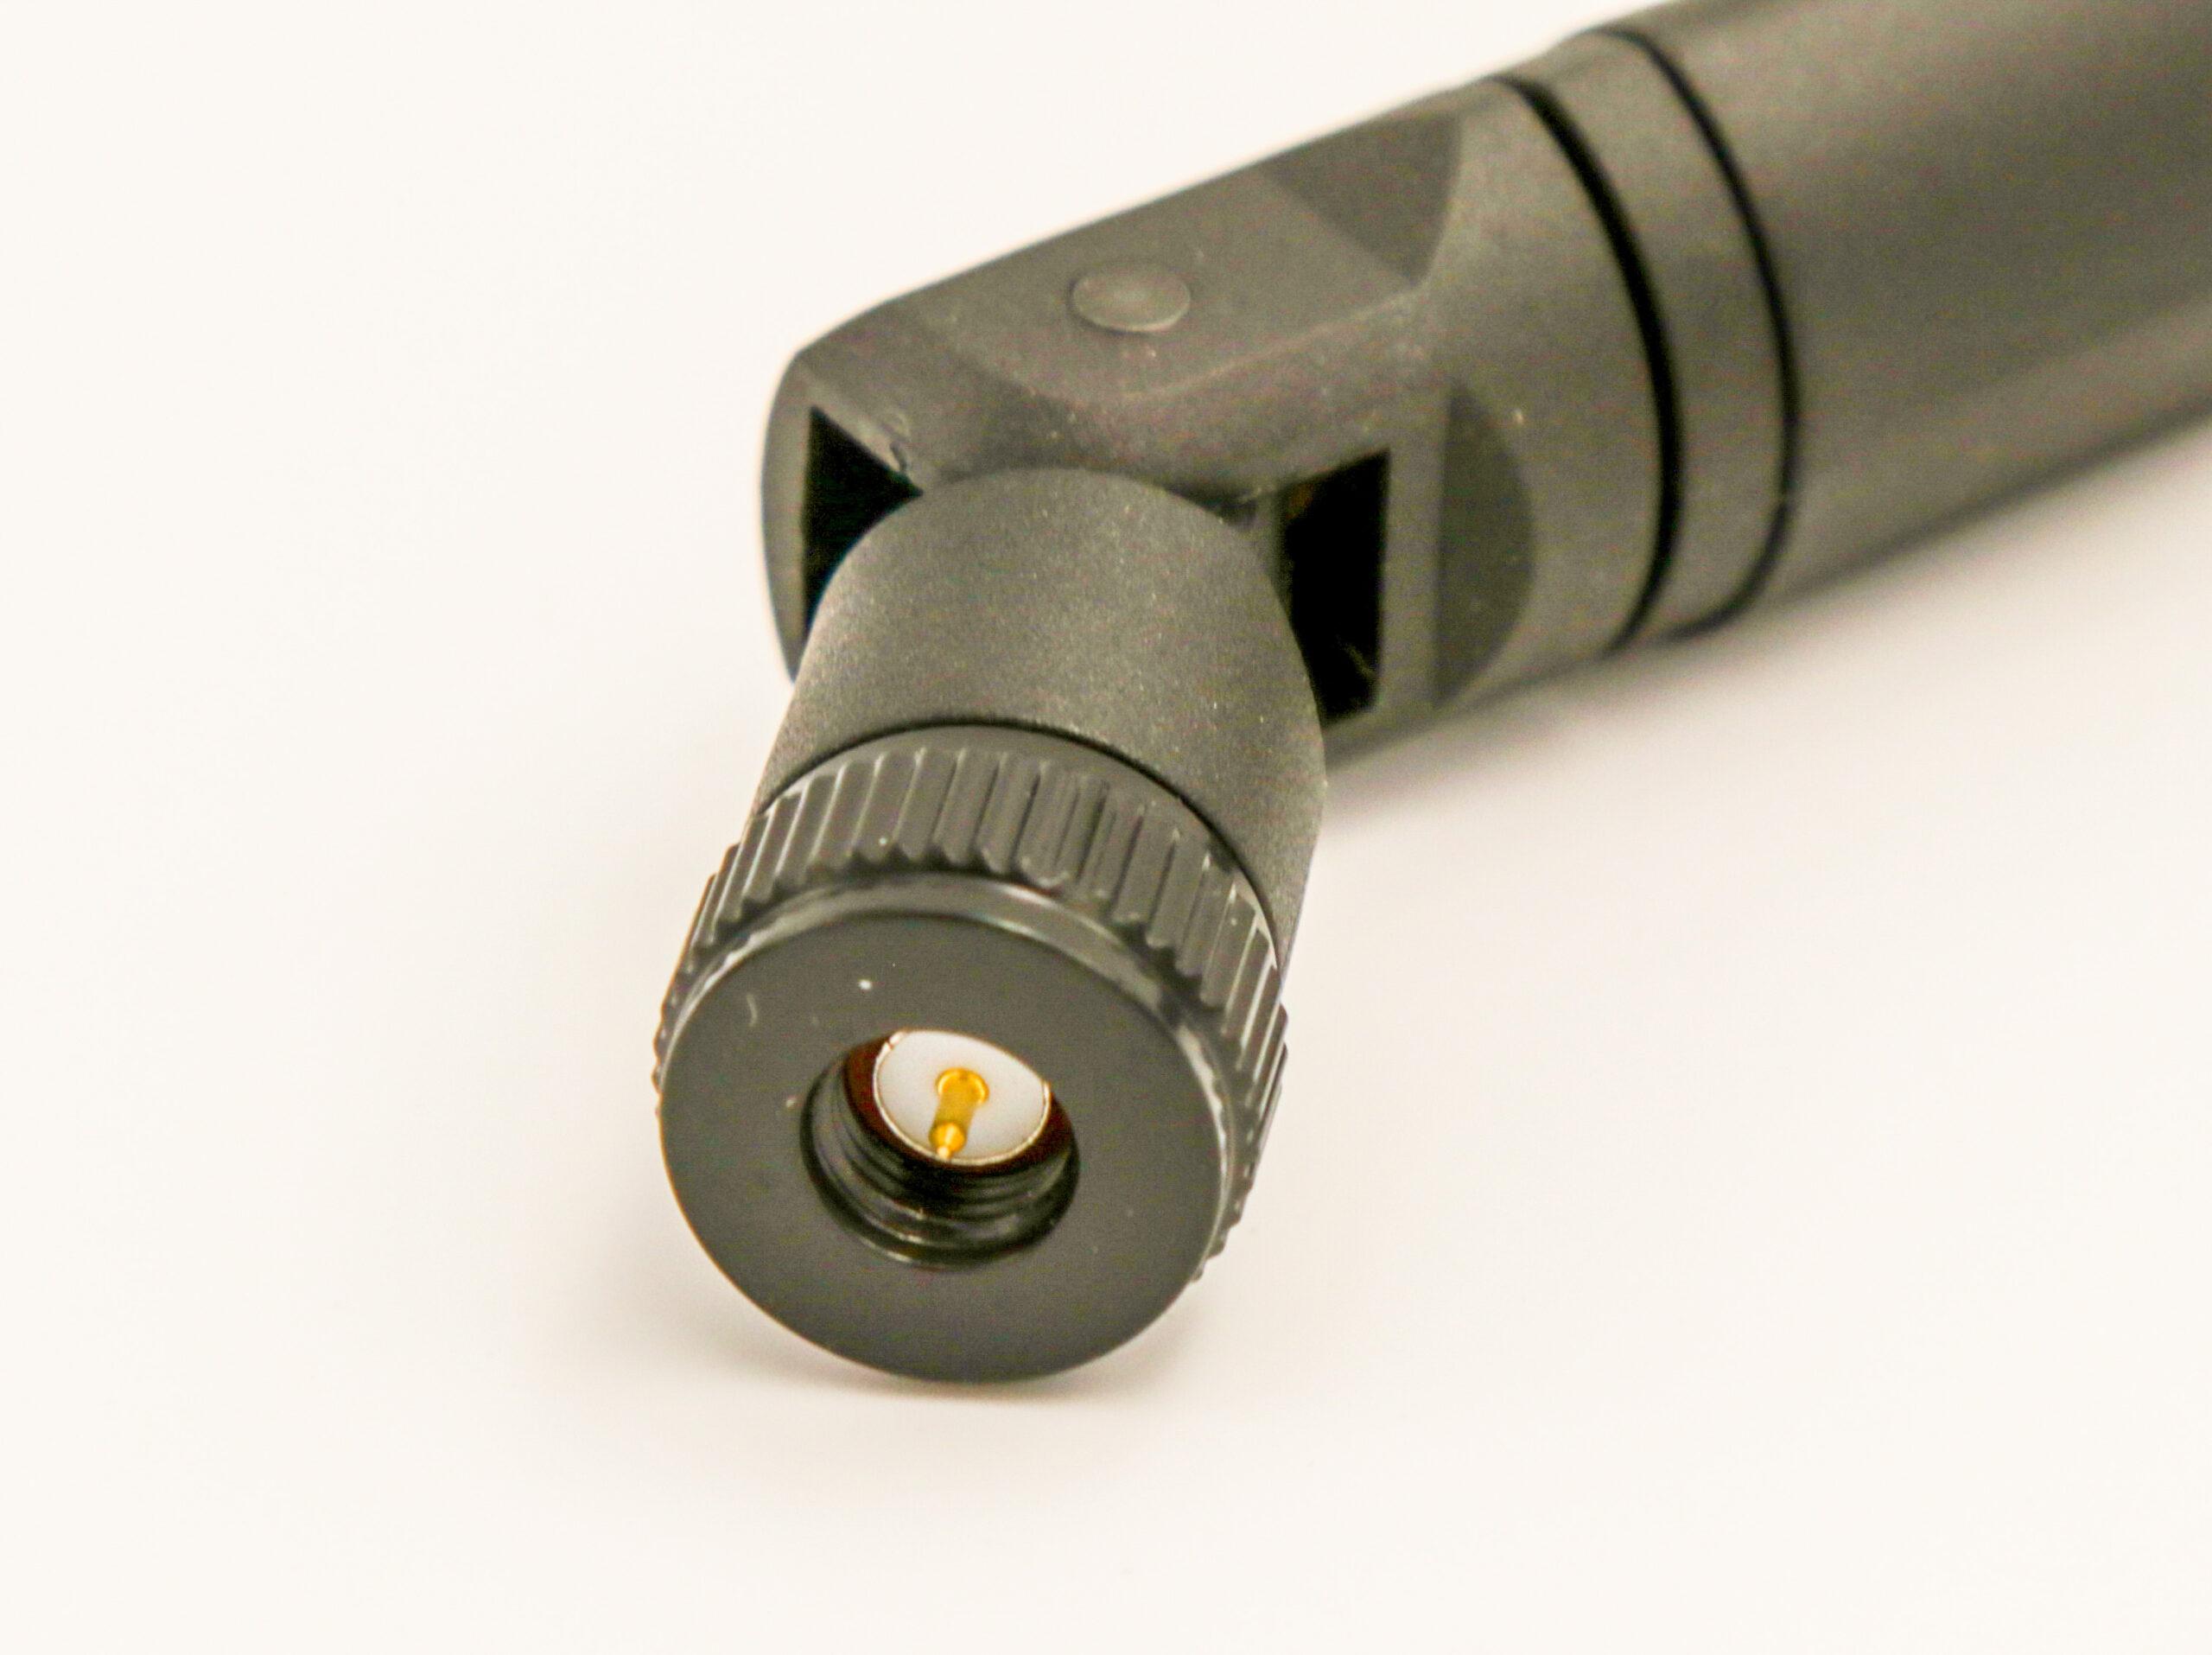 Multiband Antenne TM-CTA3807/2/DR/SM/S1 für 5G-Applikationen